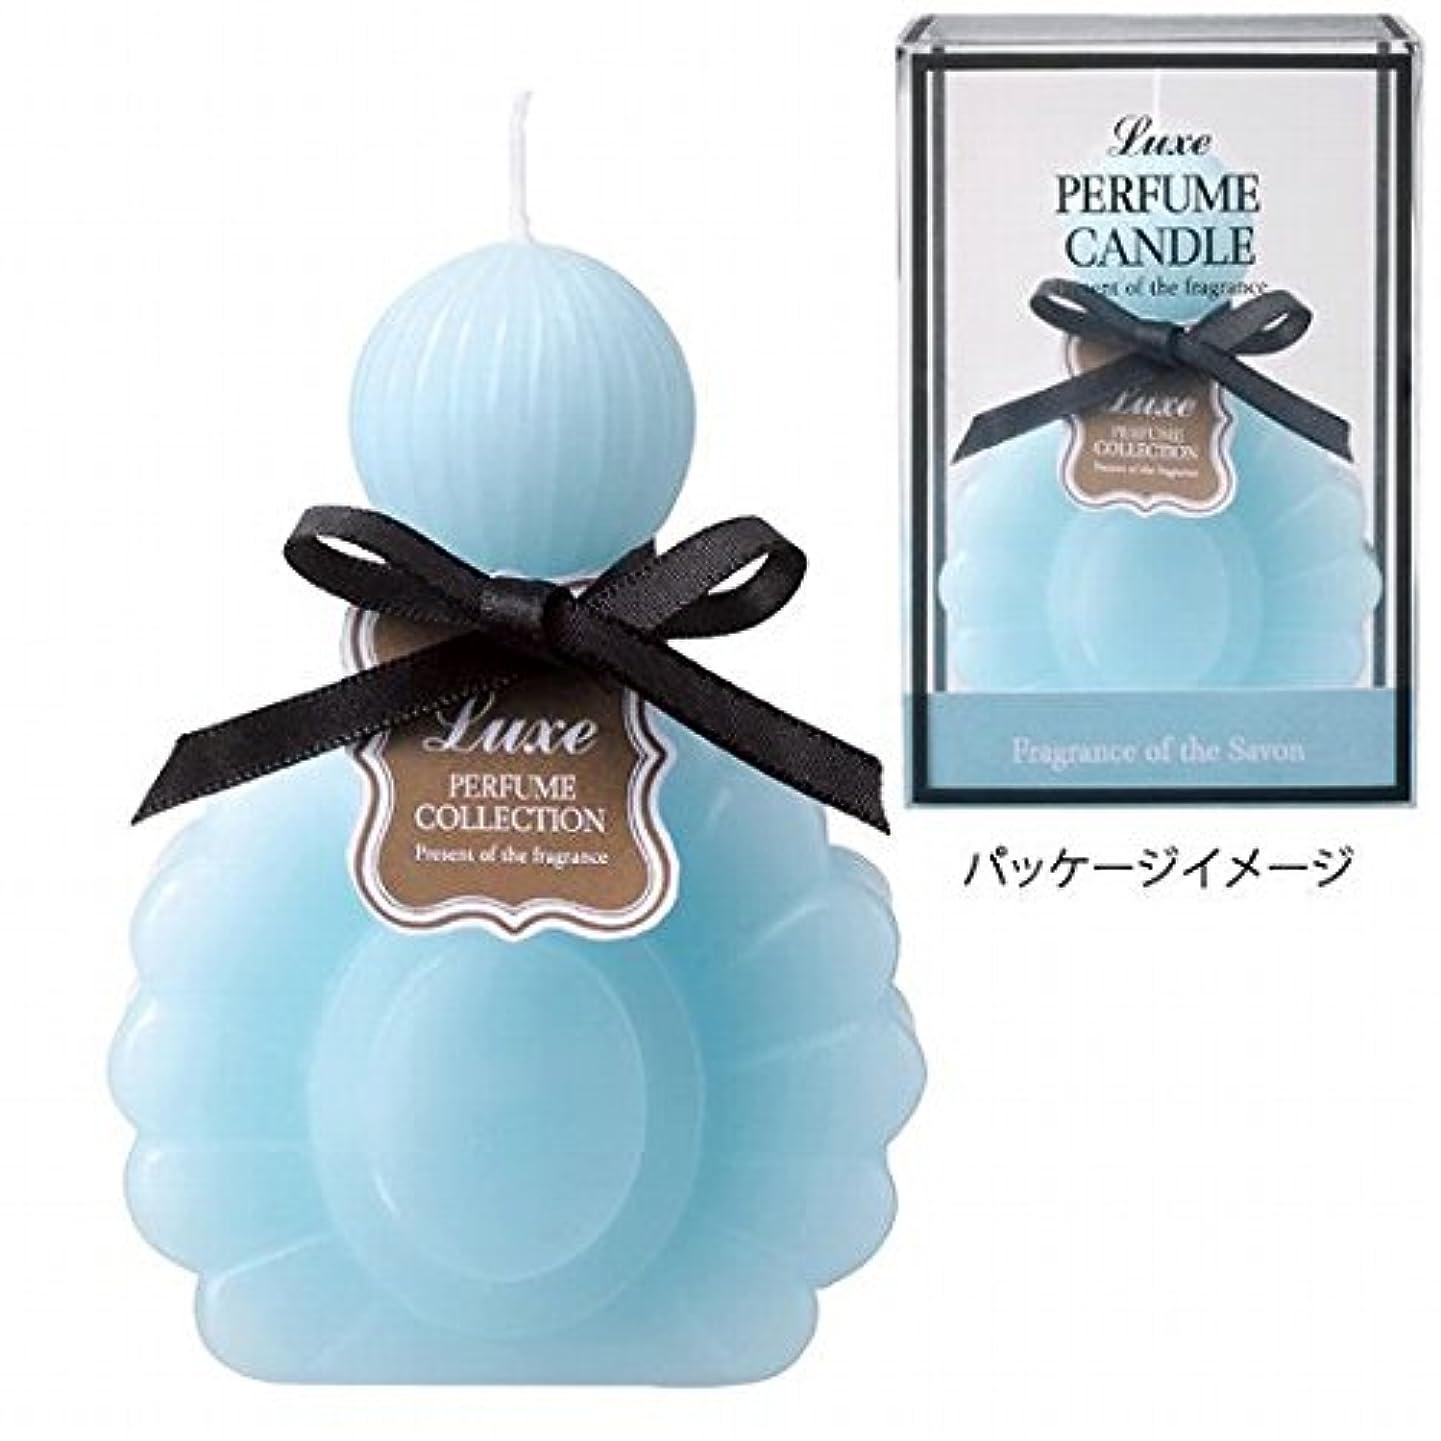 すきラブ不利益カメヤマキャンドル(kameyama candle) パフュームキャンドル 「 サボン 」